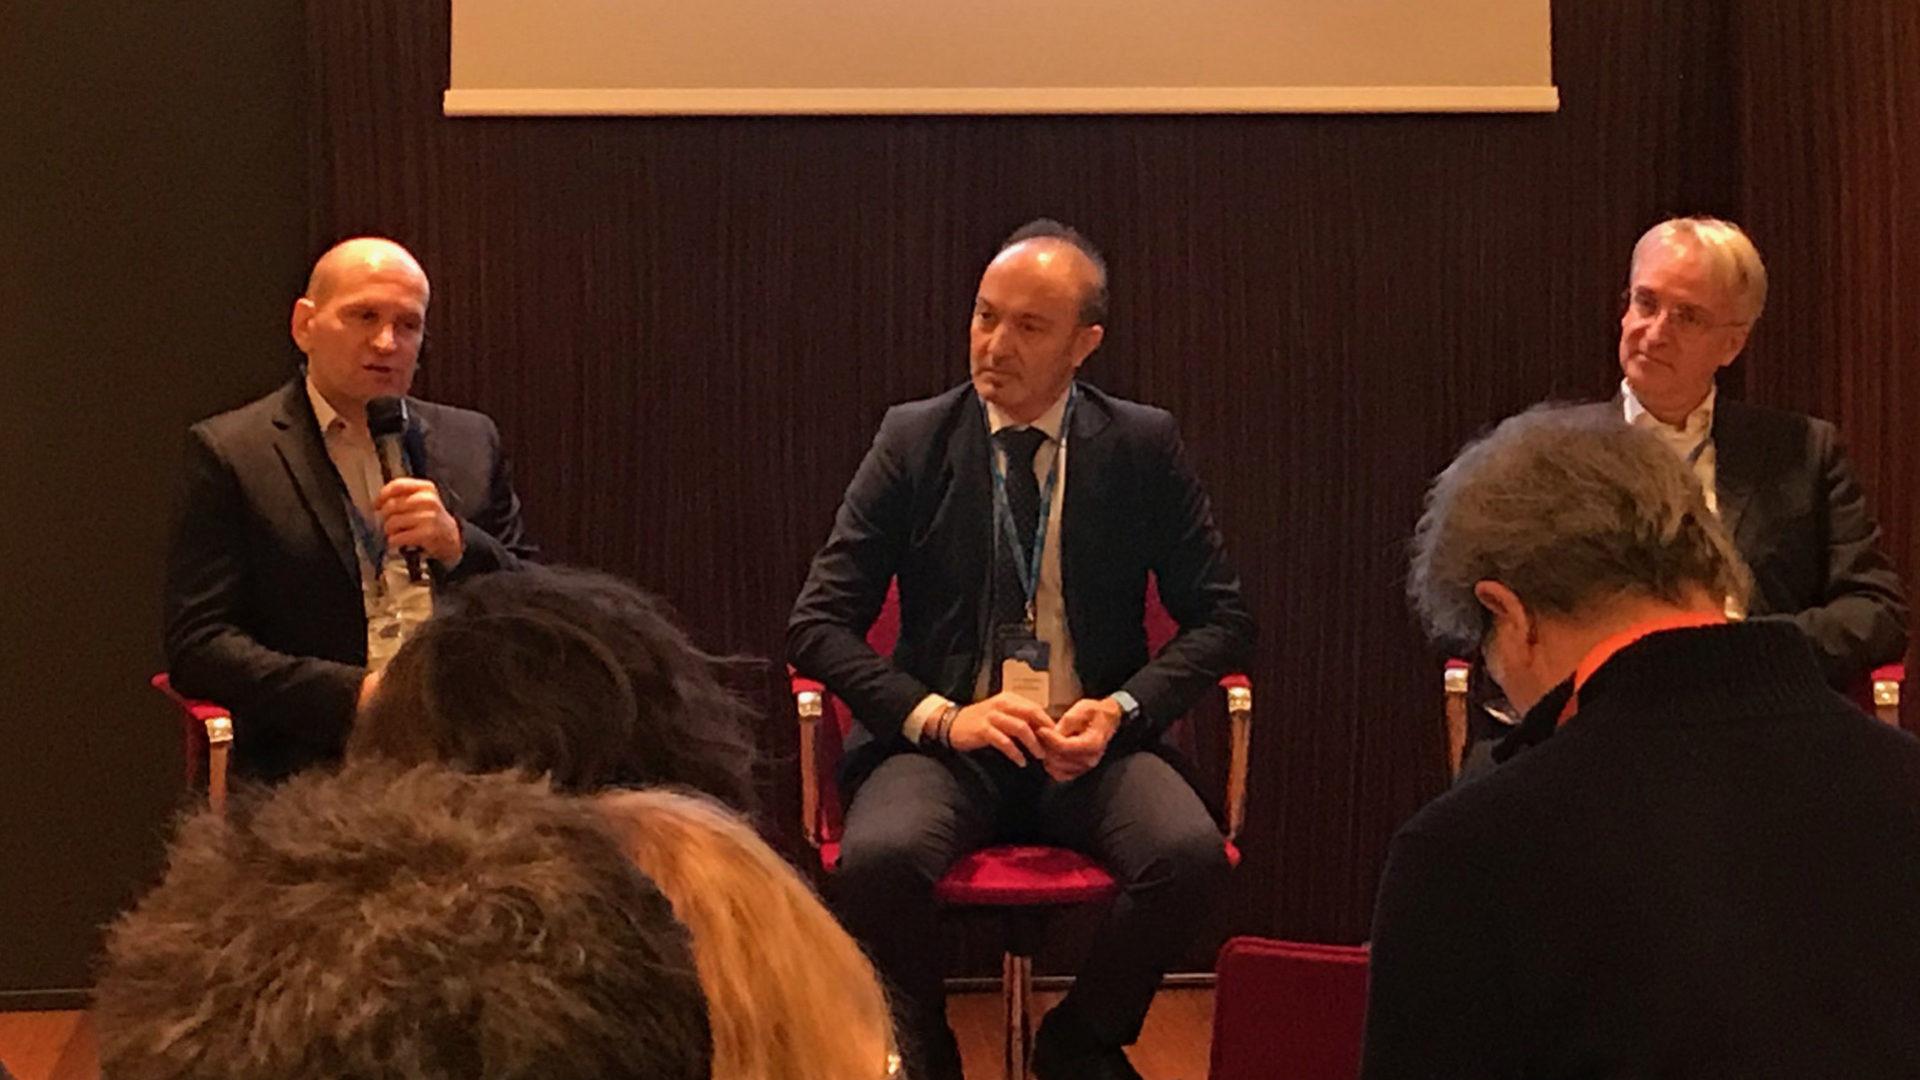 Brandinali, Corso e Gousset si confrontano sulla trasformazione digitale delle imprese